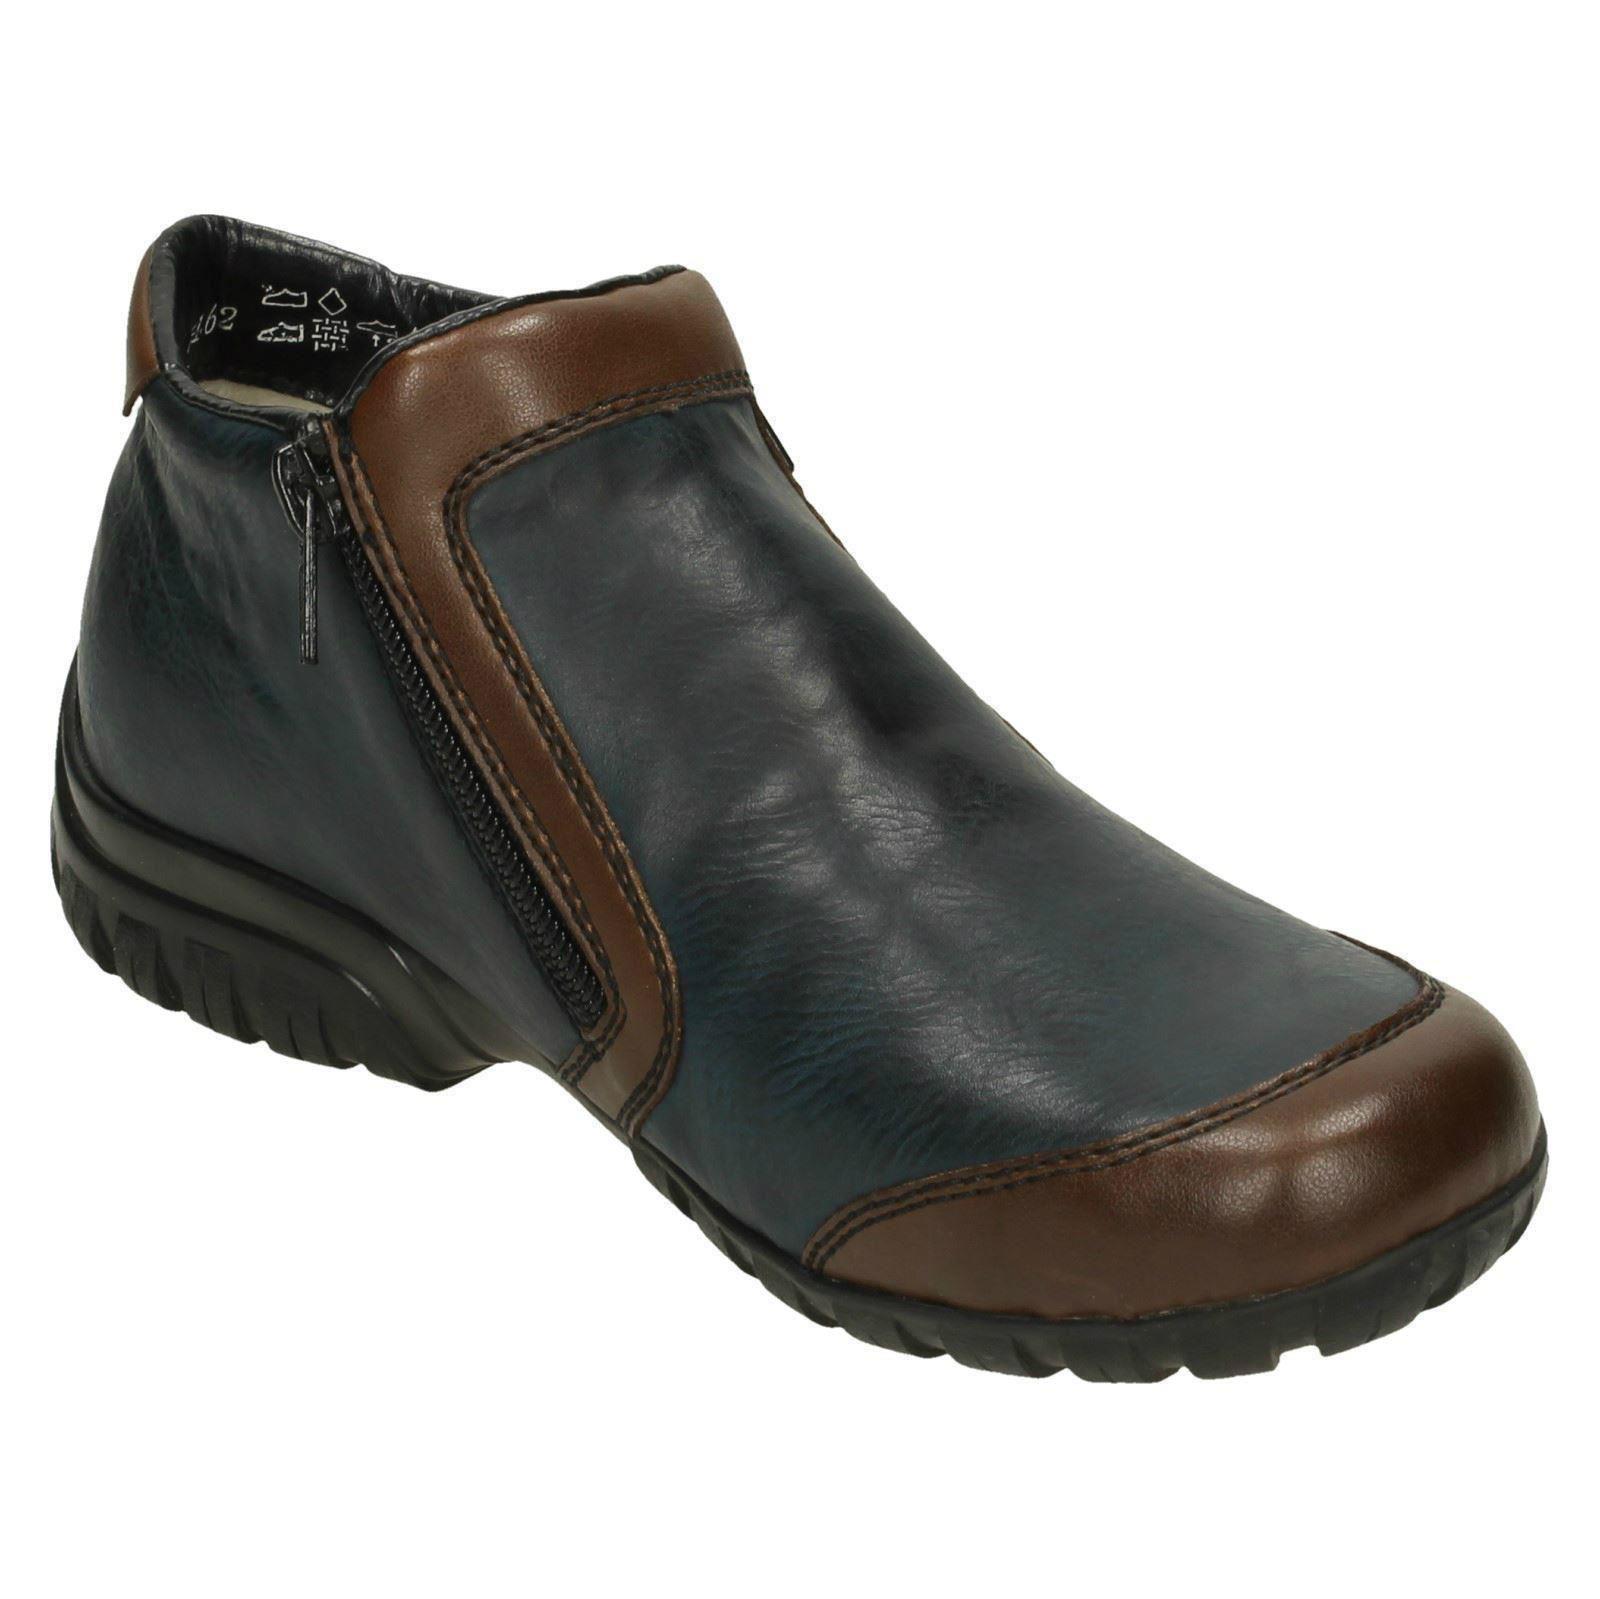 Damas Damas Damas Rieker botas al Tobillo 'L4659' 0b2d79